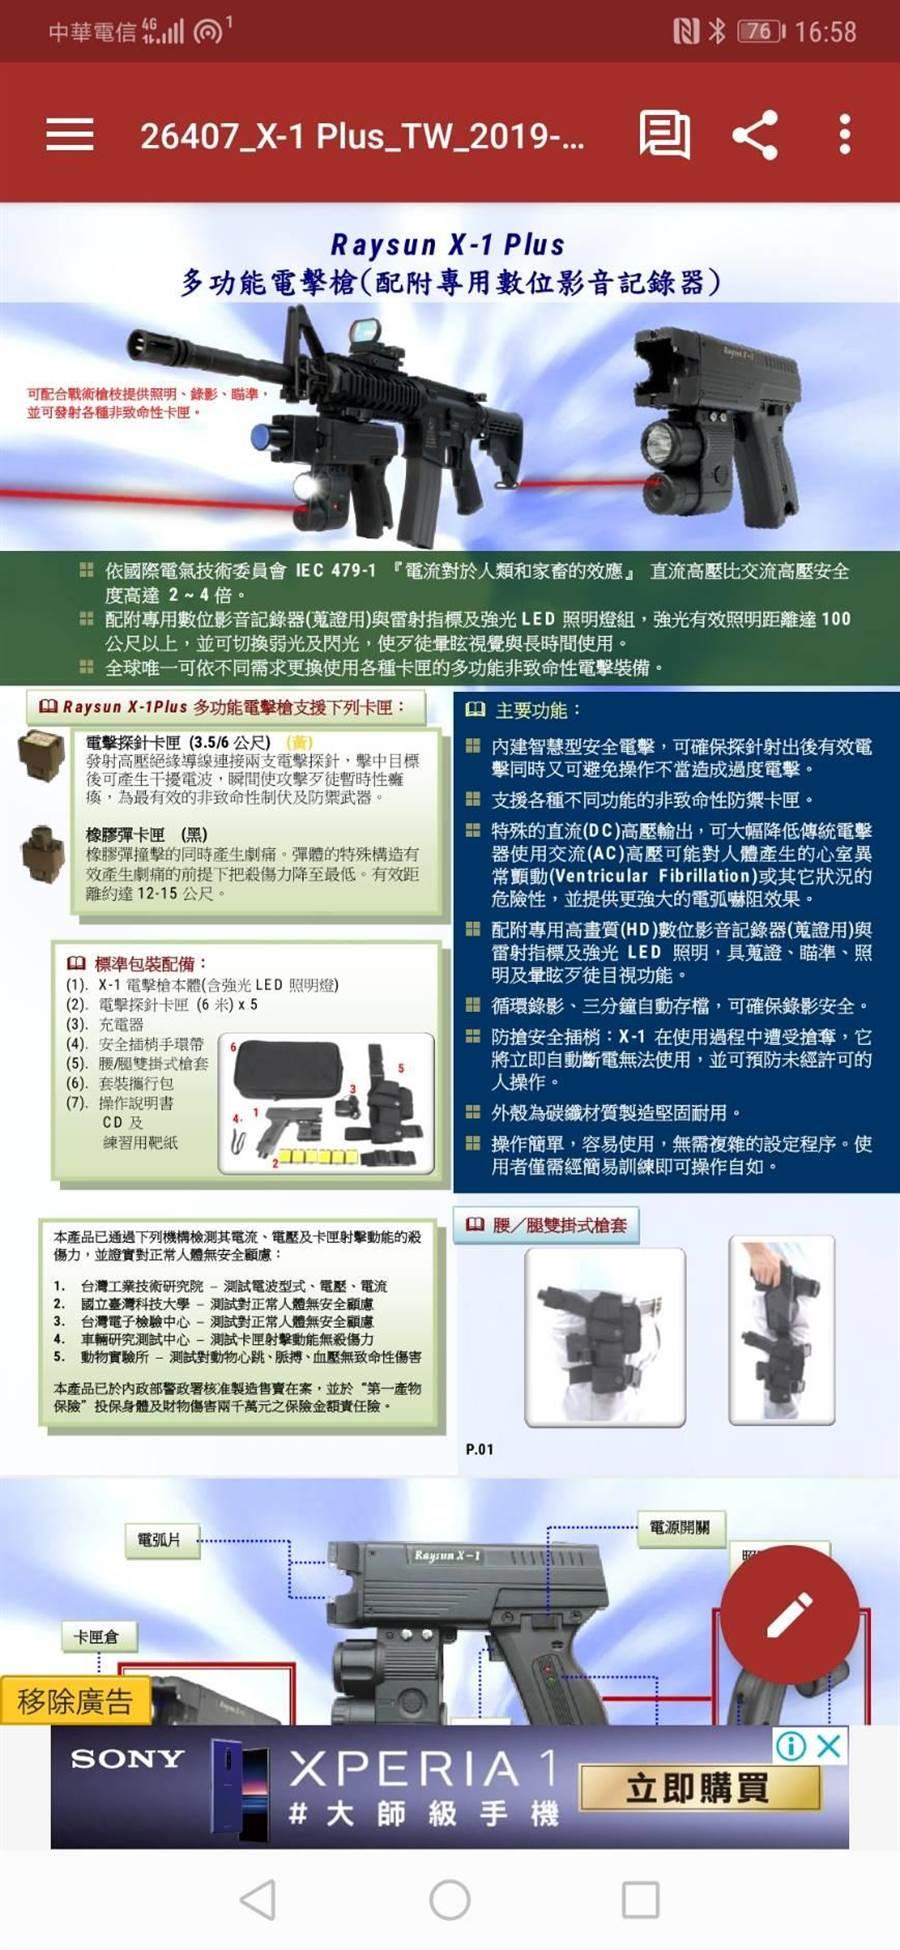 鐵路警察局獲贈多功能電擊槍。〔謝明俊翻攝〕